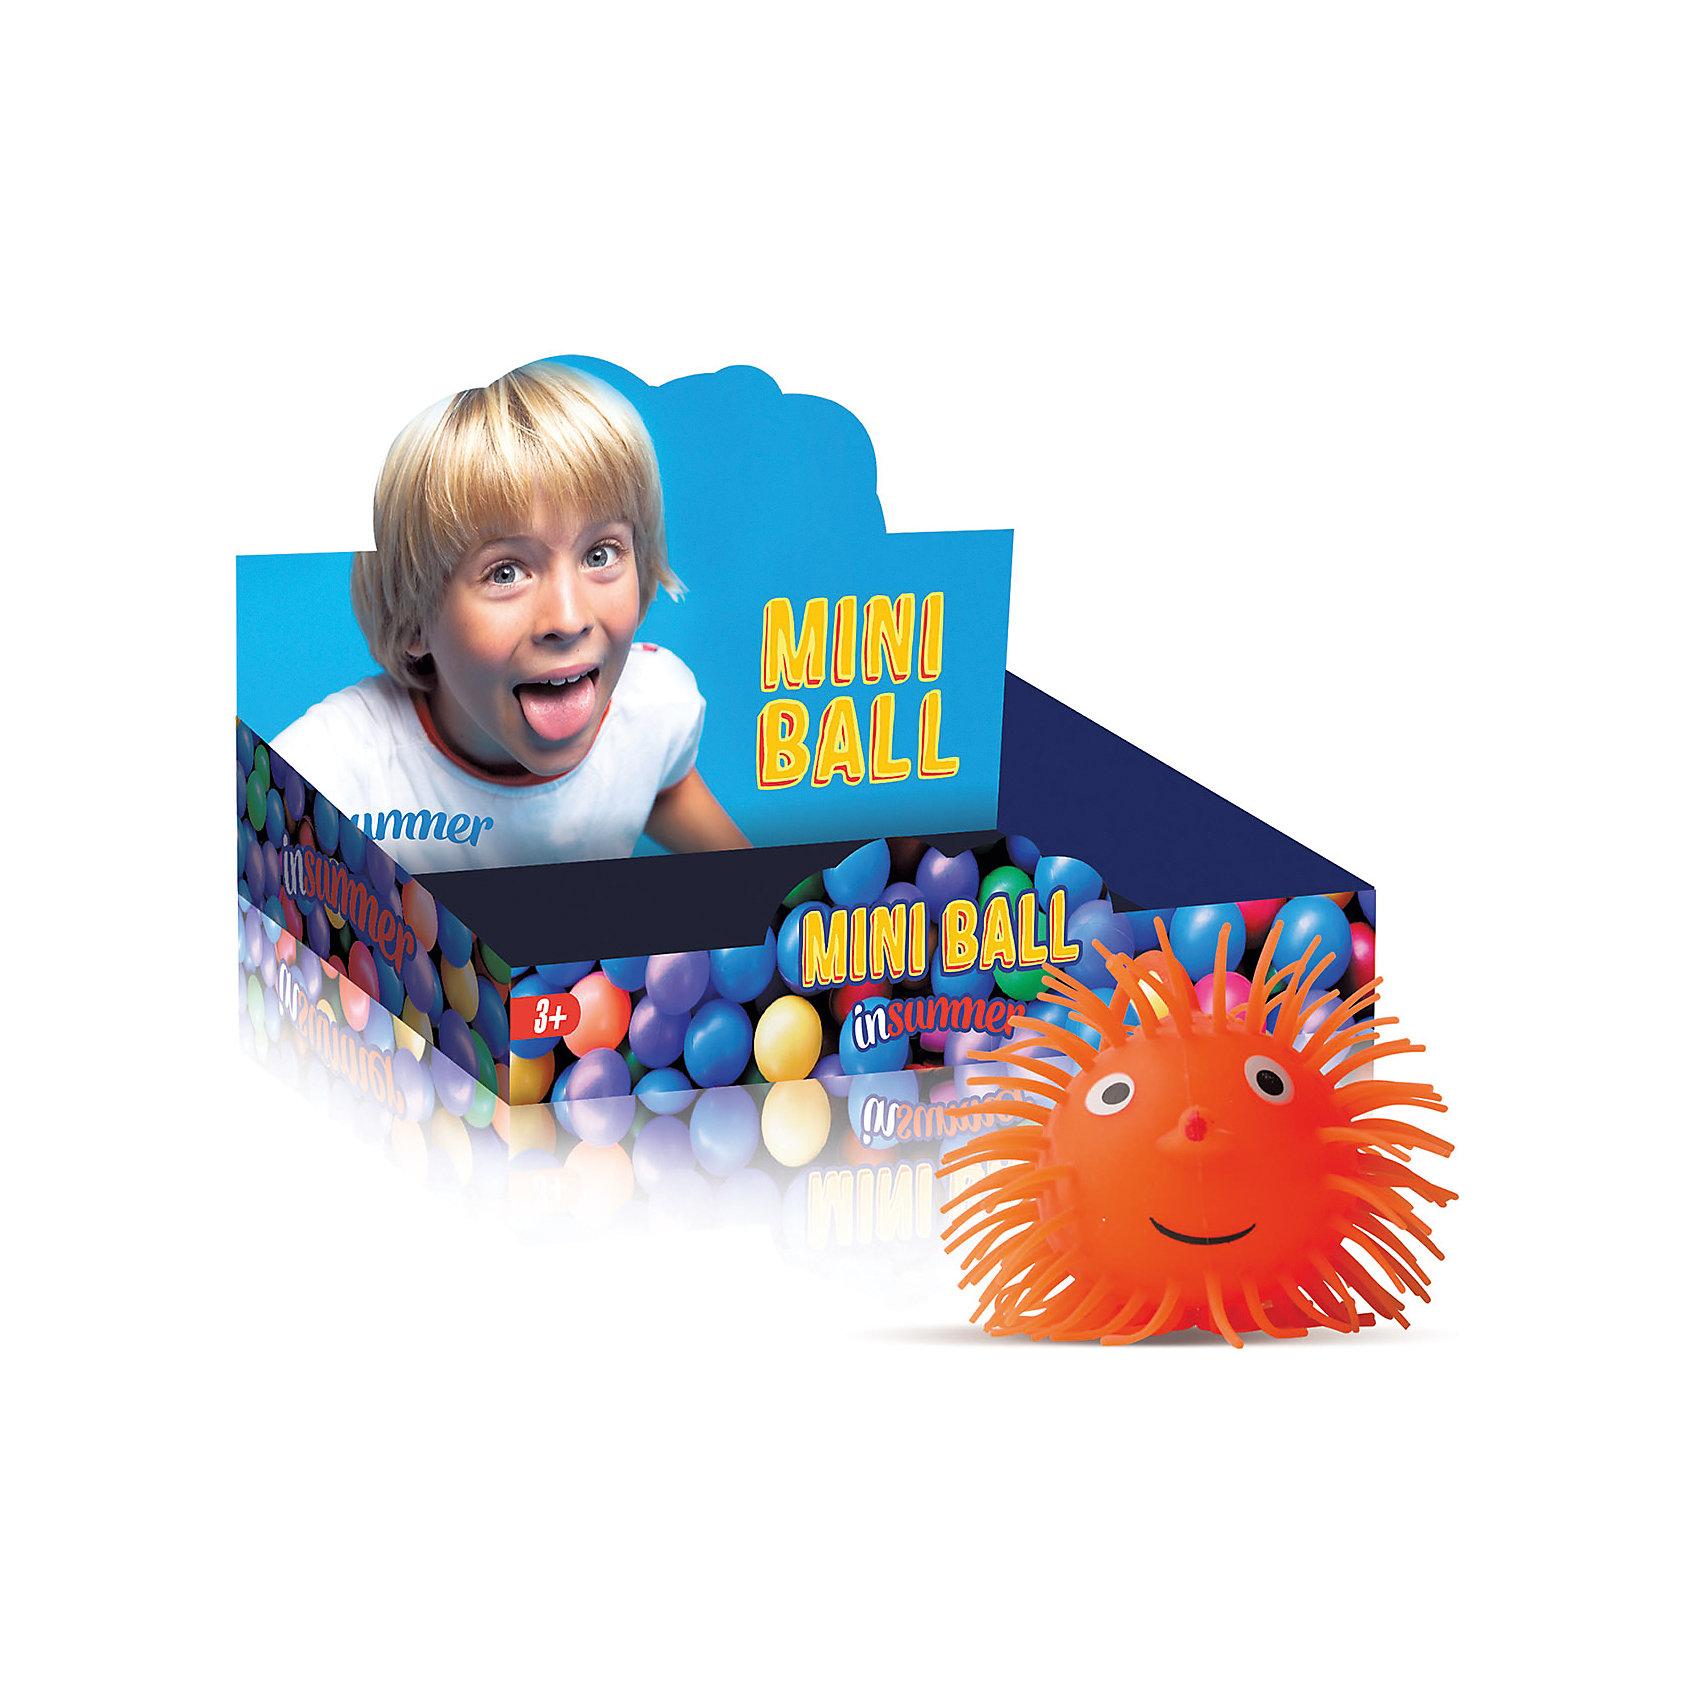 Мячик Е-Ежик Коротышка 12,5 см со светом, InSummerЕ-Ежик Коротышка - веселый мячик со световыми эффектами, изготовленный из мягких, безопасных для ребенка материалов. Милый ежик с мягкими колючками, глазками, носиком и улыбкой начинает светиться, если его подбросить или встряхнуть. На голове у ежика удобная резинка с петелькой, чтобы игрушка не потерялась. Веселый ежик обязательно понравится малышу!<br><br>Дополнительная информация:<br>Размер: 12,5 см<br>Вес: 100 грамм<br>Мячик Е-Ежик Коротышка вы можете купить в нашем интернет-магазине.<br><br>Ширина мм: 35<br>Глубина мм: 800<br>Высота мм: 320<br>Вес г: 100<br>Возраст от месяцев: 36<br>Возраст до месяцев: 144<br>Пол: Унисекс<br>Возраст: Детский<br>SKU: 4753587